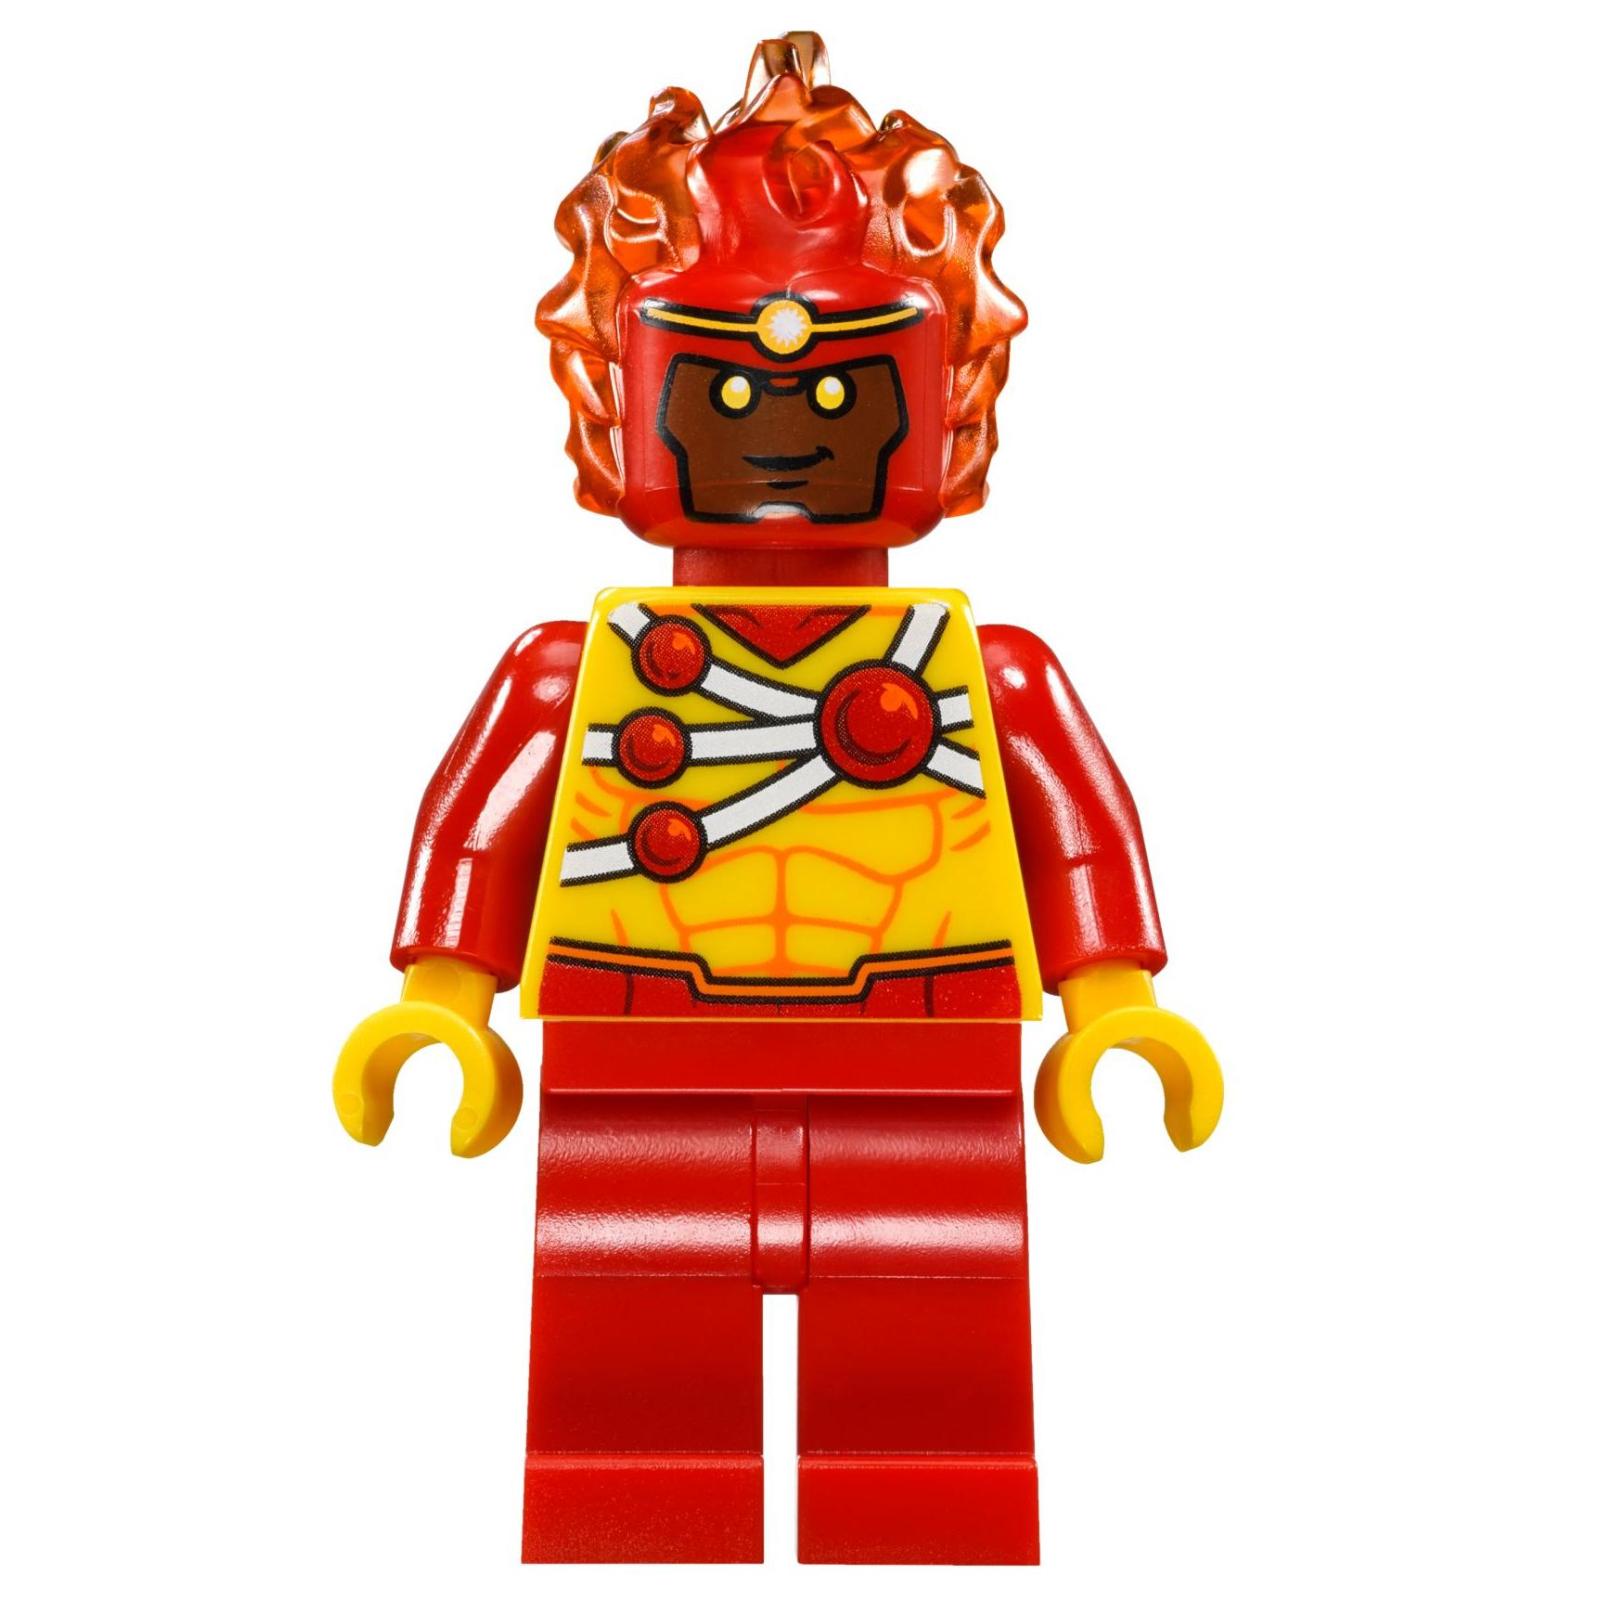 Конструктор LEGO Super Heroes Робоштурм Лекс Лютор (76097) изображение 7